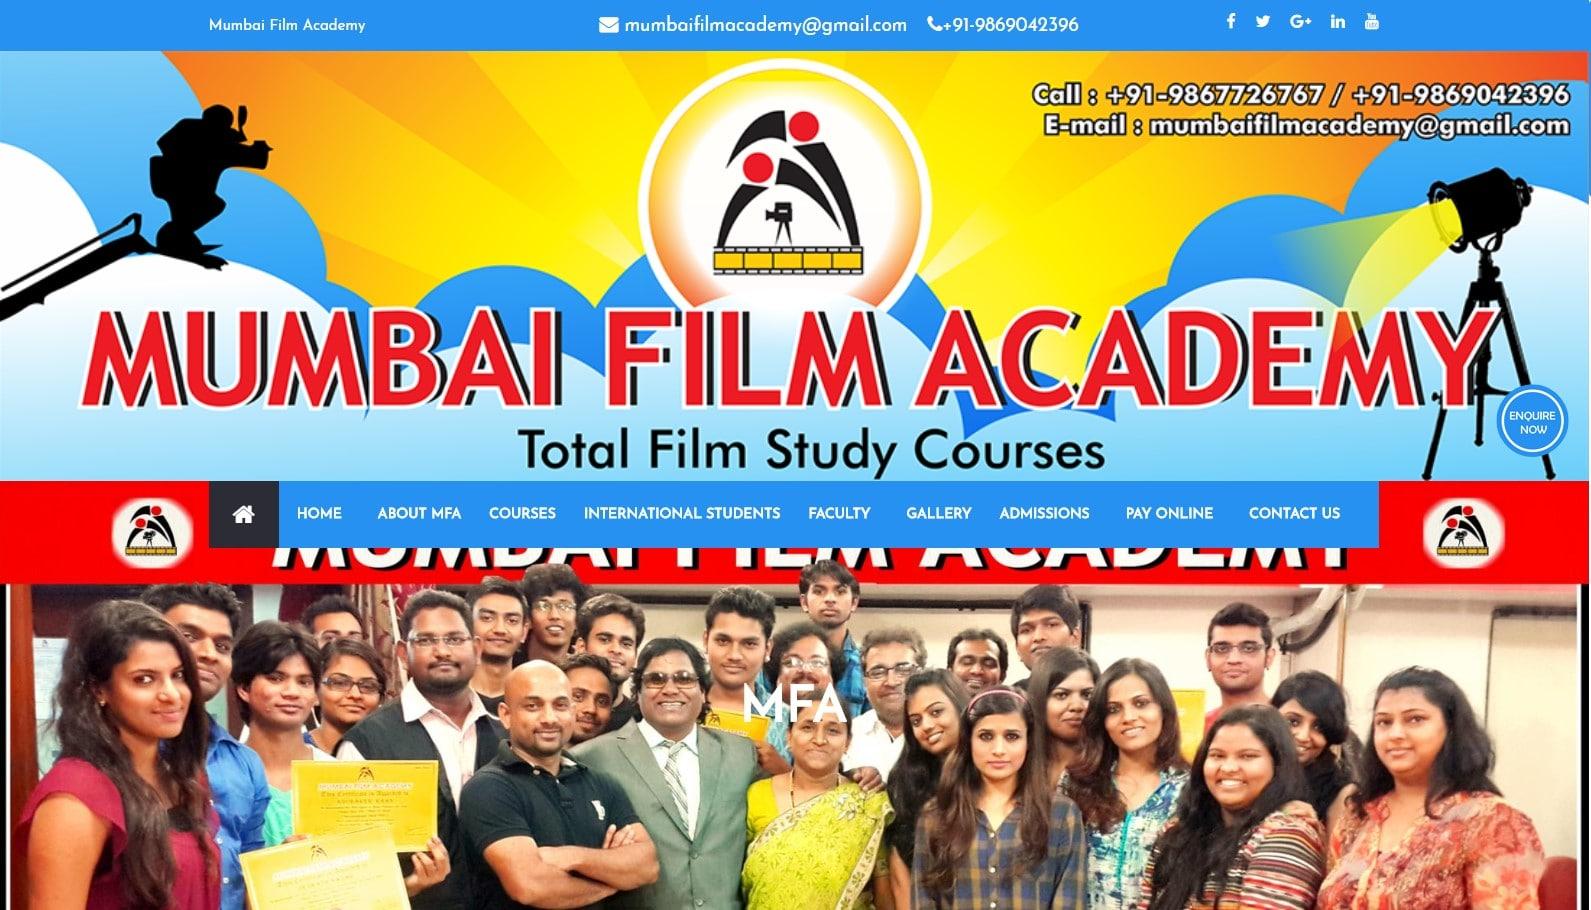 Mumbai Film Academy